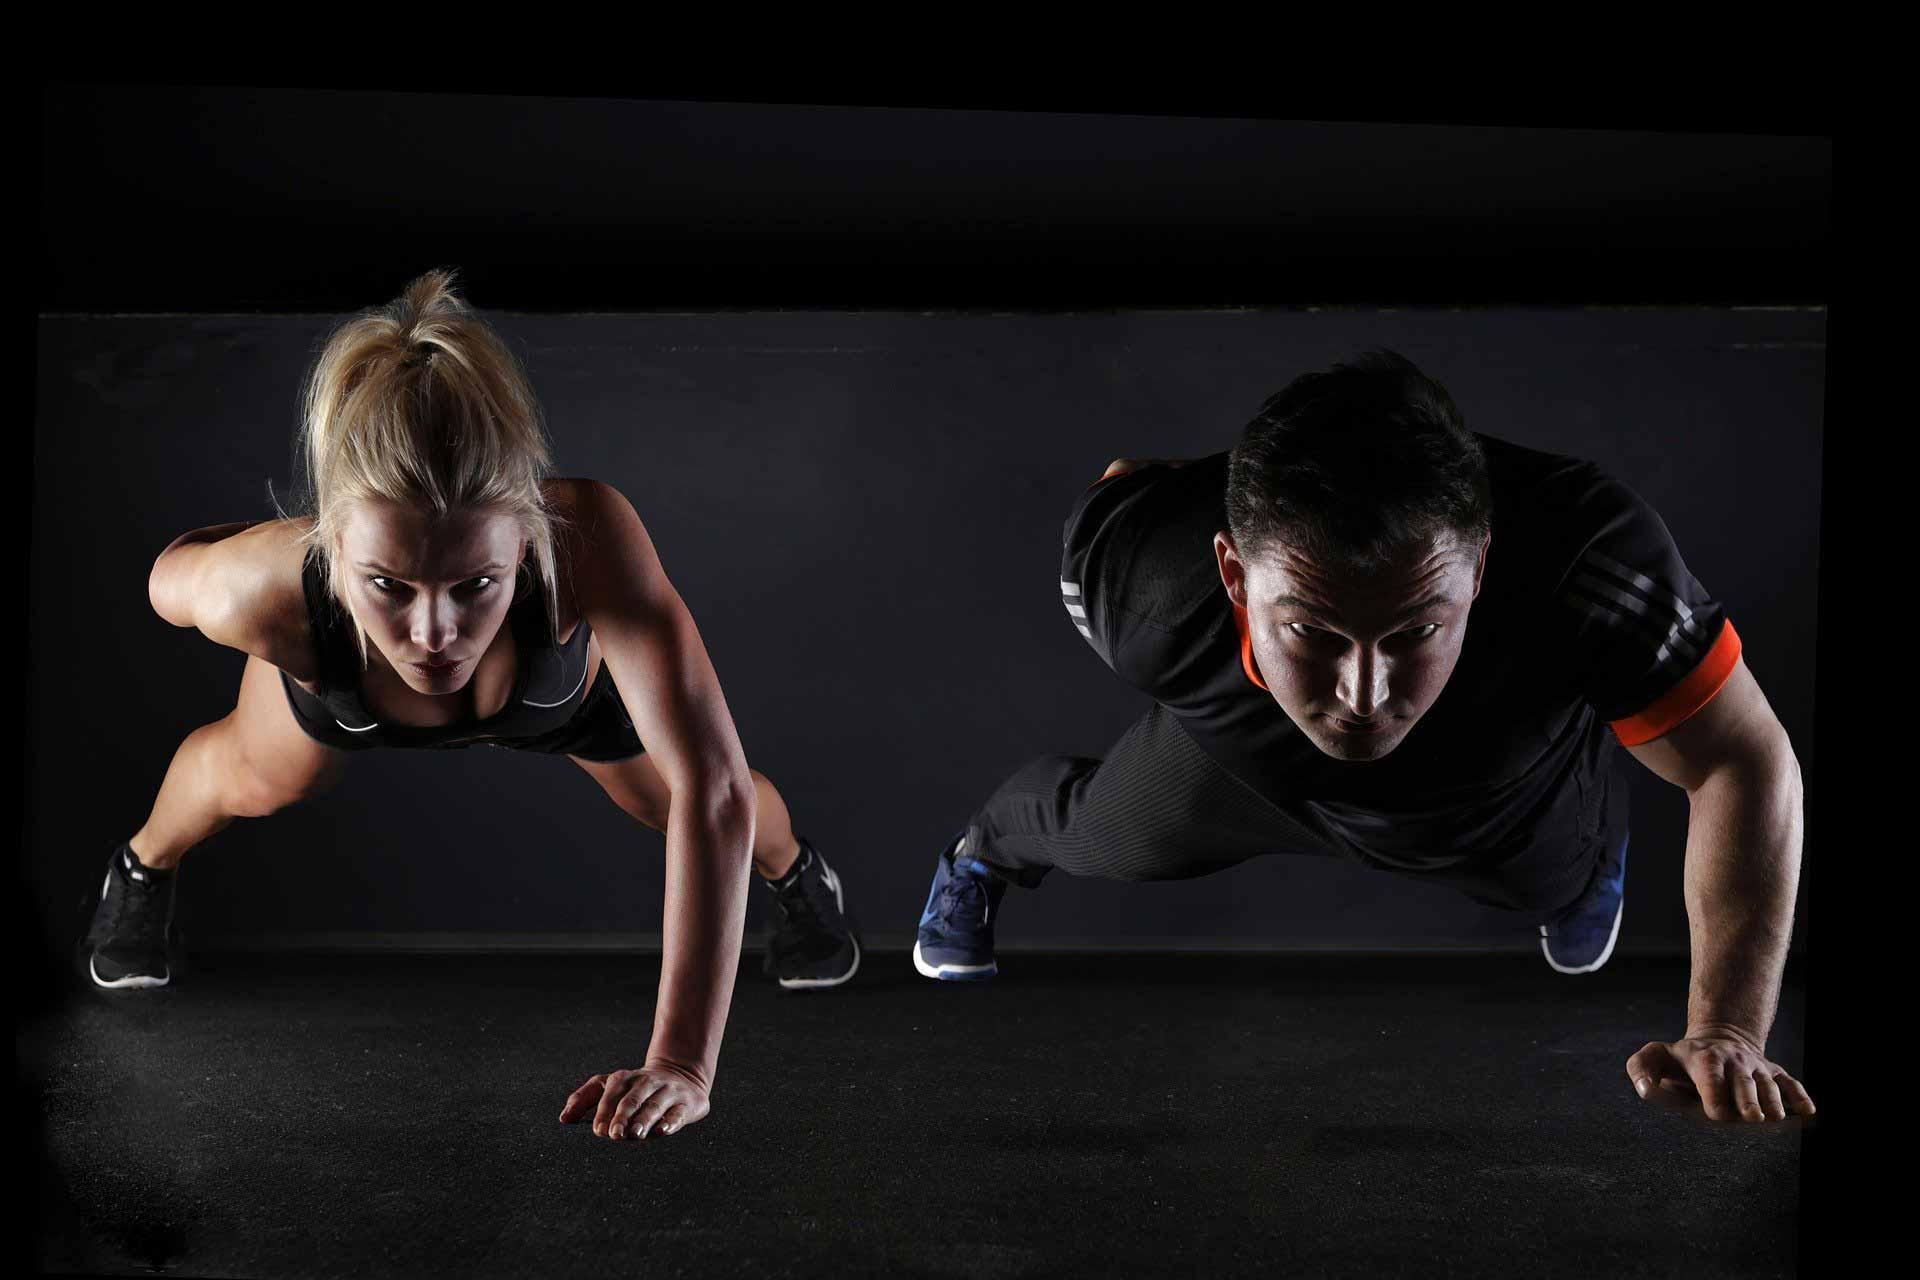 sport gym training